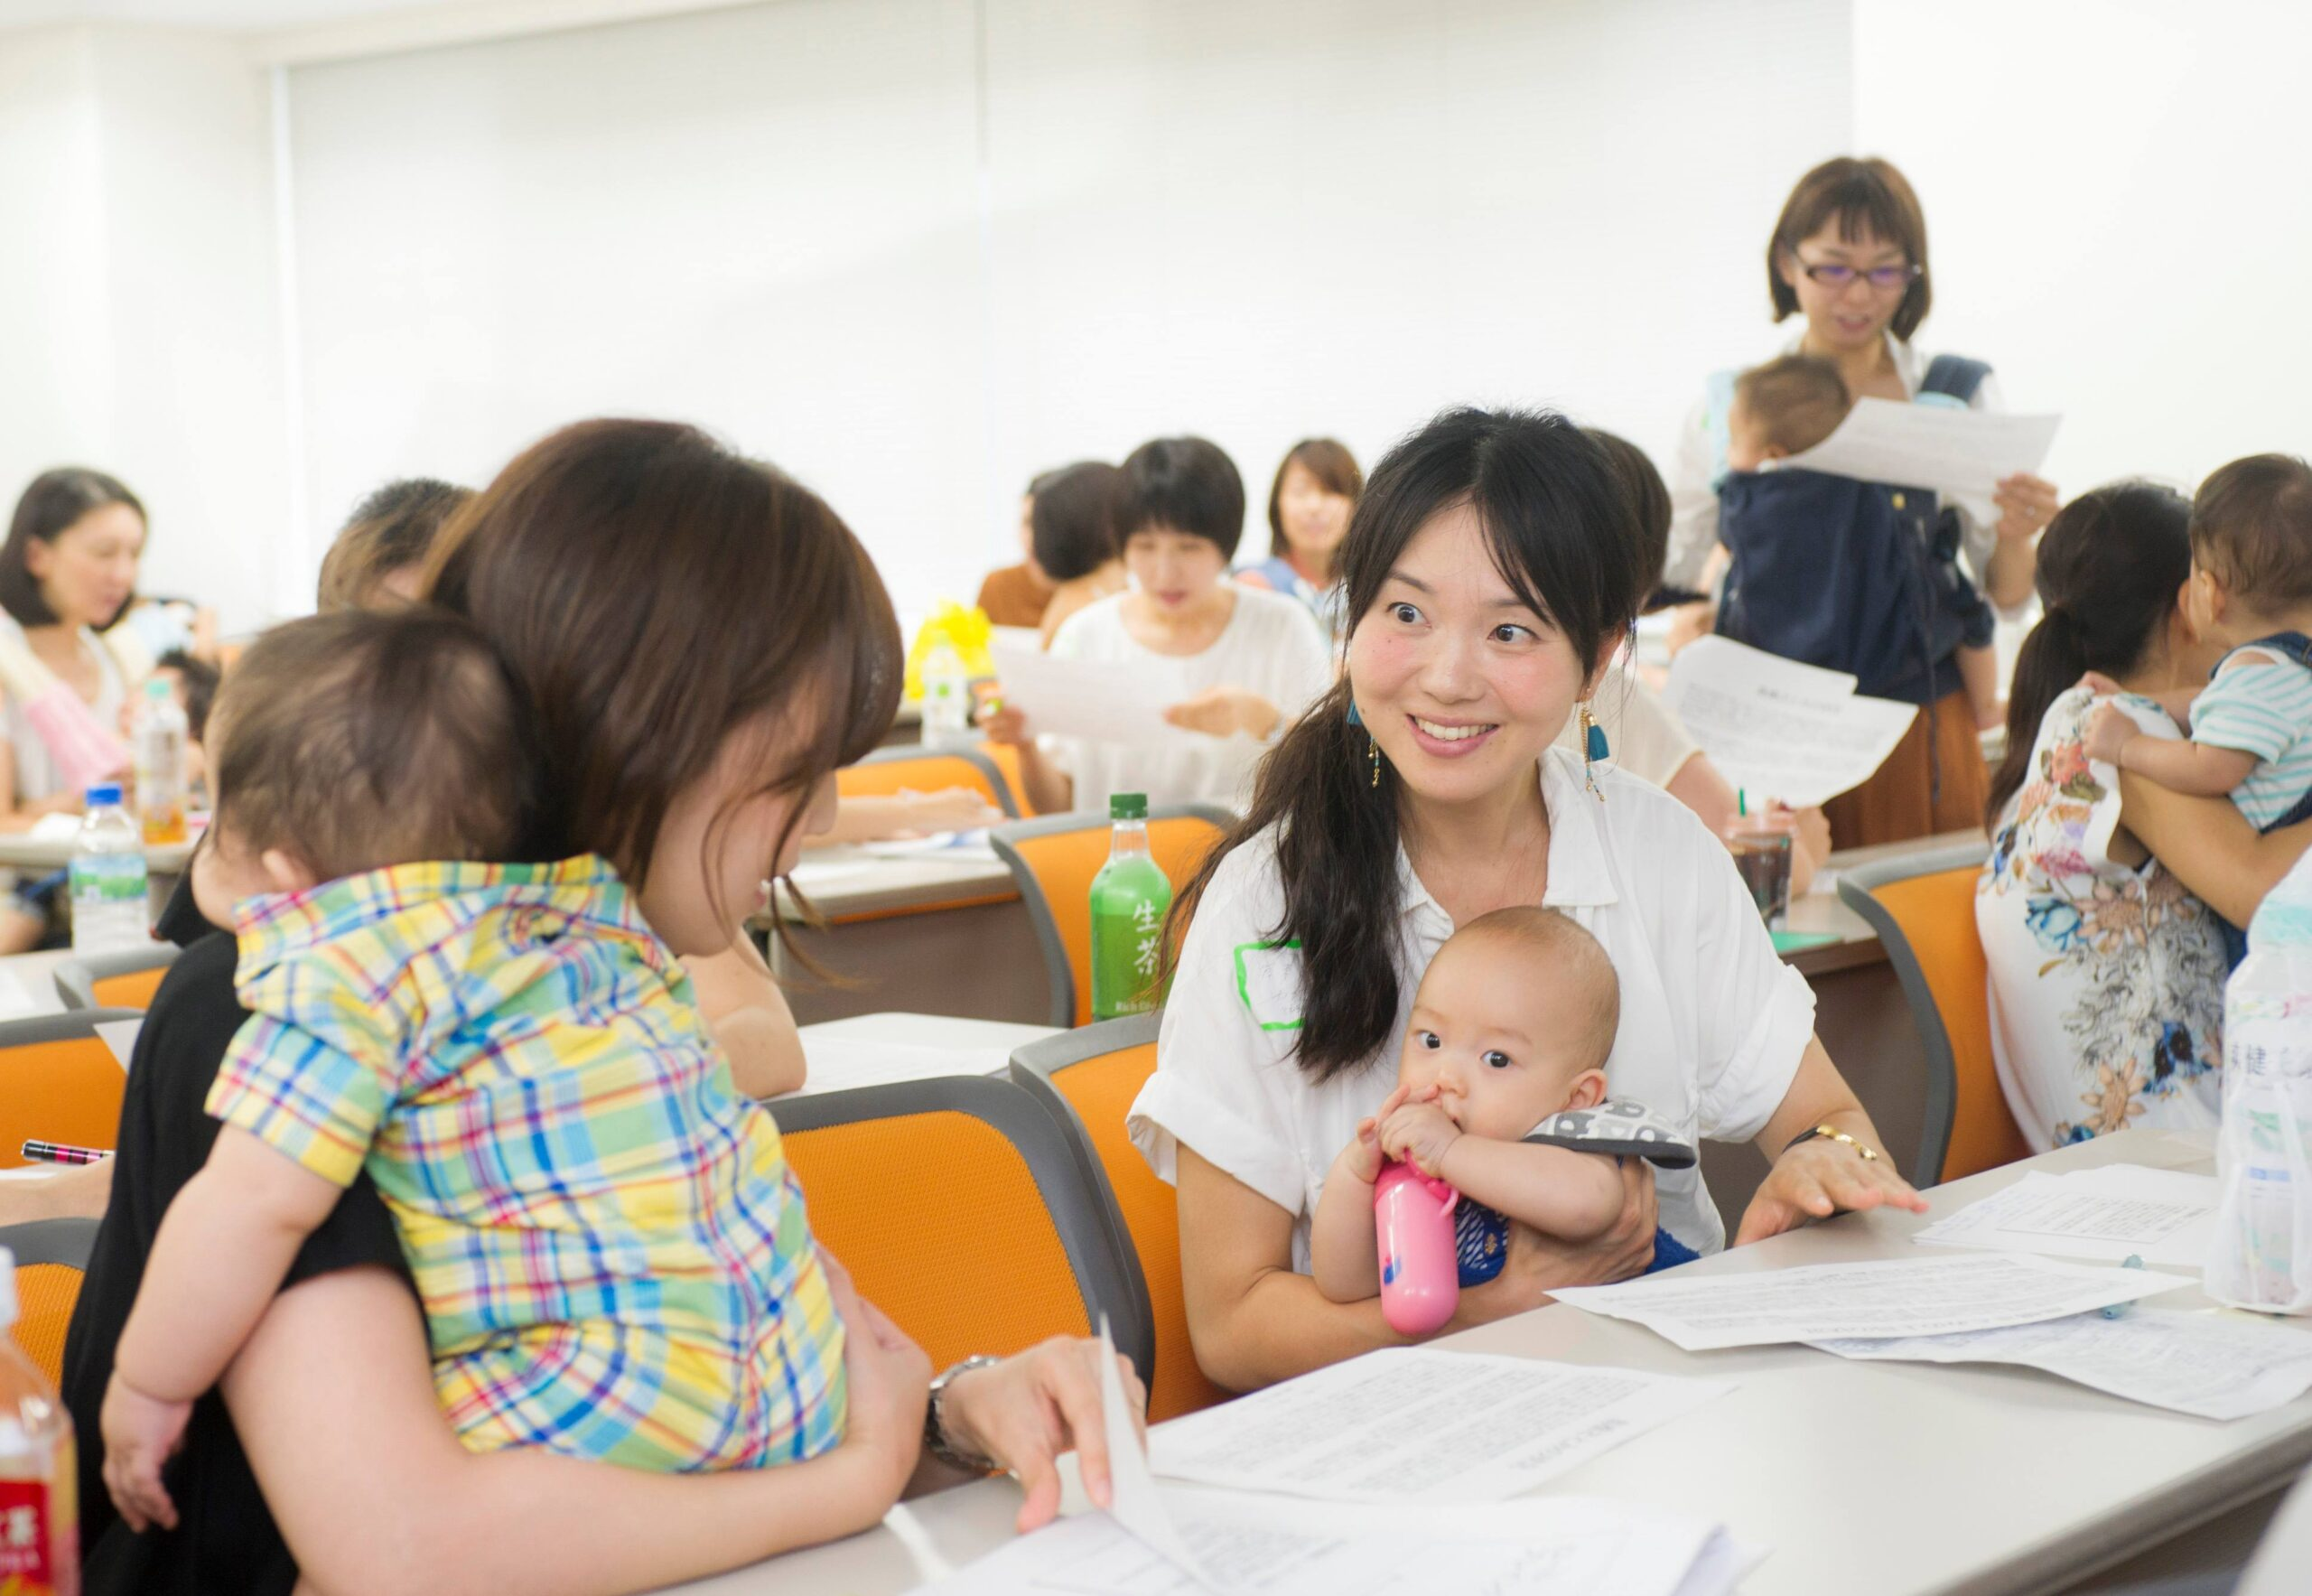 育休中の学びにムーブメントを起こした勉強会『育休プチMBA®』<br>あれから7年、ワーママの働き方はどう変わった?